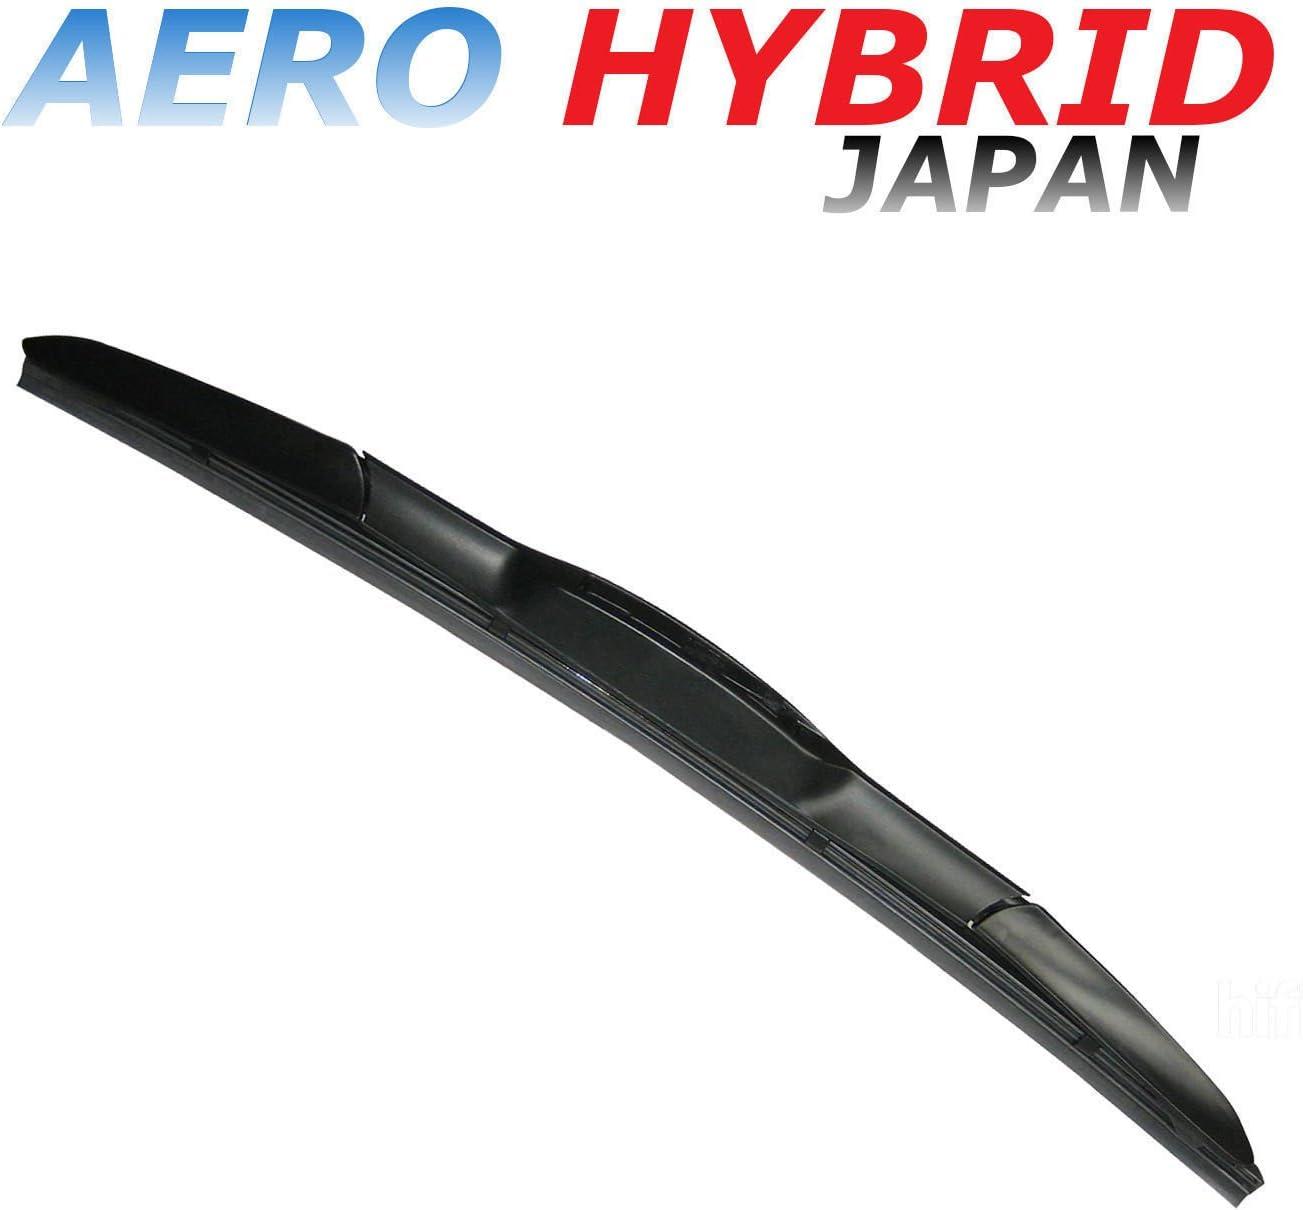 Aero Hybrid Japan Heck 400 Mm Heckwischer Aero Heckscheibenwischer Scheibenwischer Heck Ahjh 2 Auto